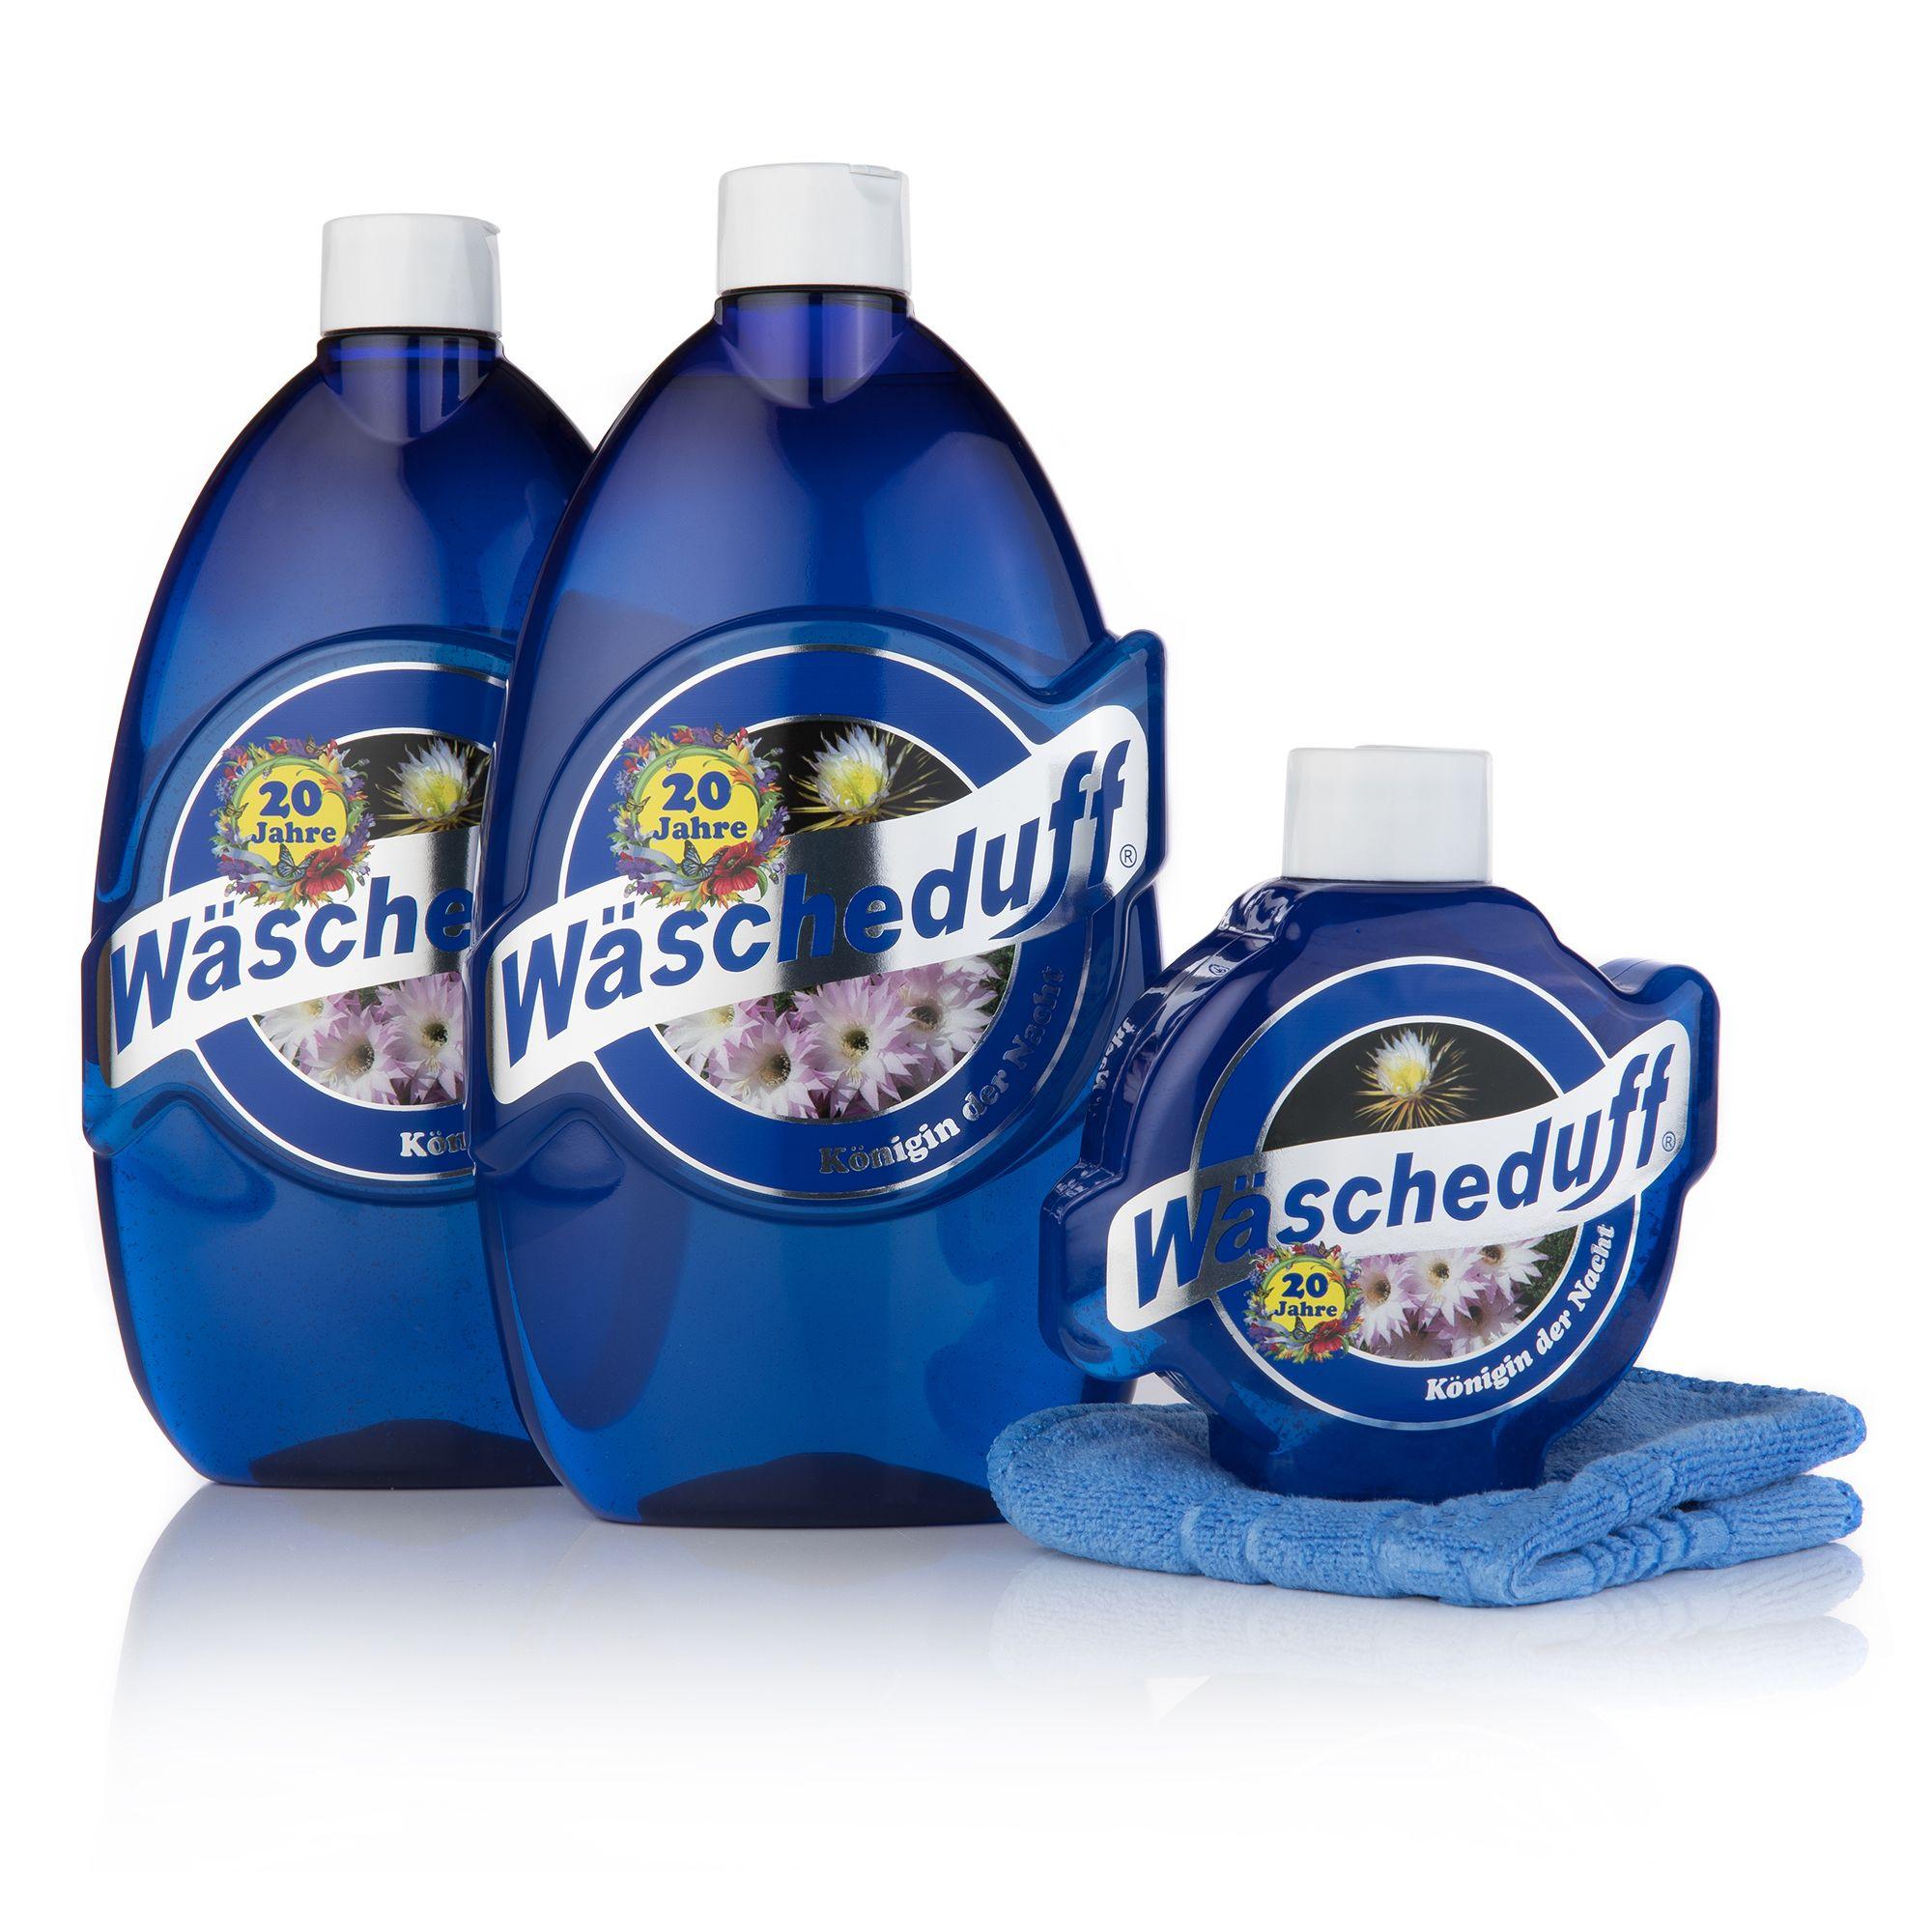 Qvc Wäscheduft